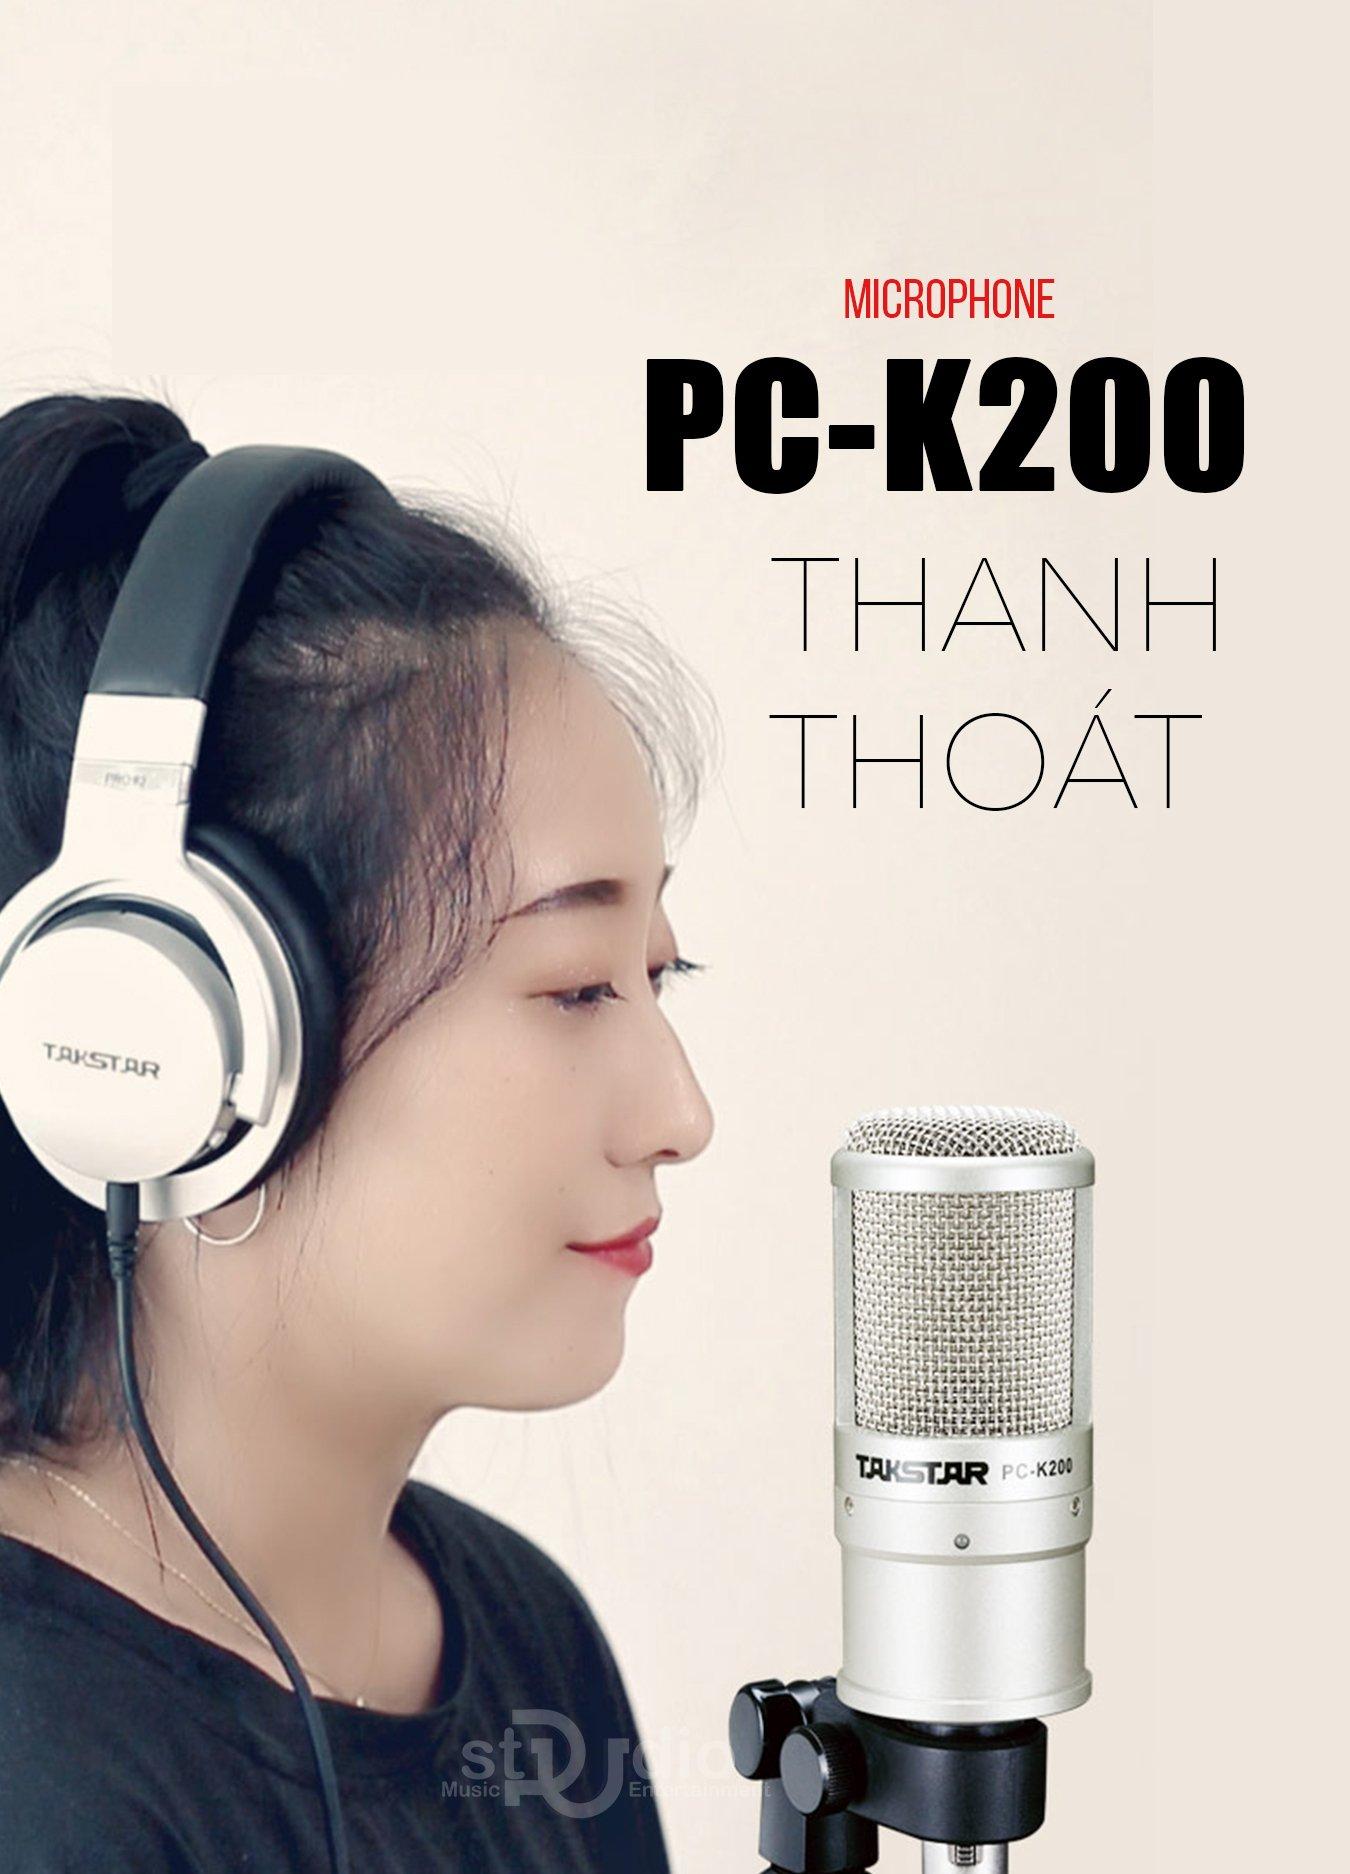 MICRO THU ÂM TAKSTAR PC-K200